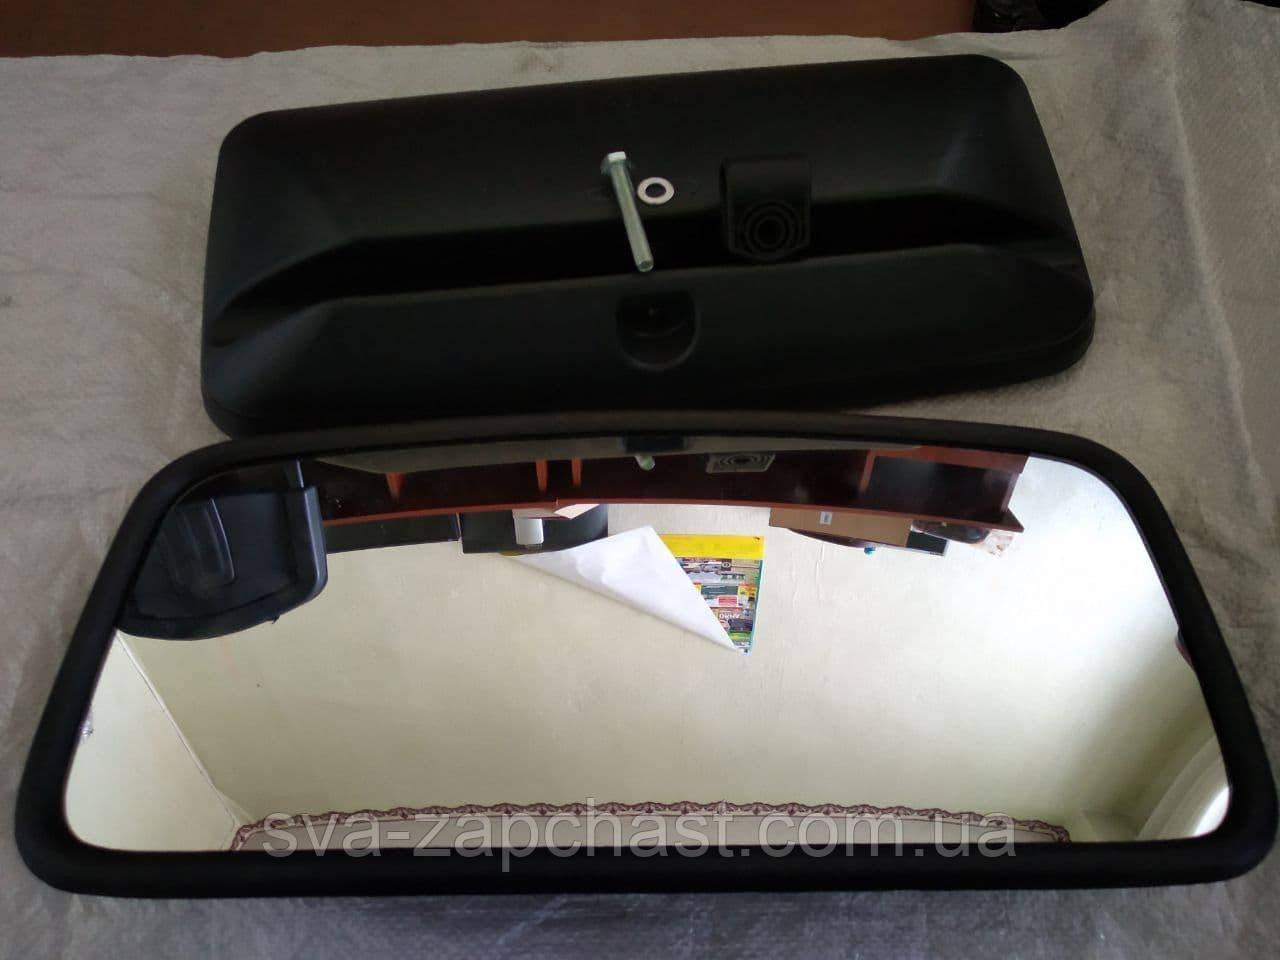 Дзеркало бокове ЗІЛ КАМАЗ, ПАЗ 405х205 сферичне пластиковий корпус металеве кріплення 5320-8201020